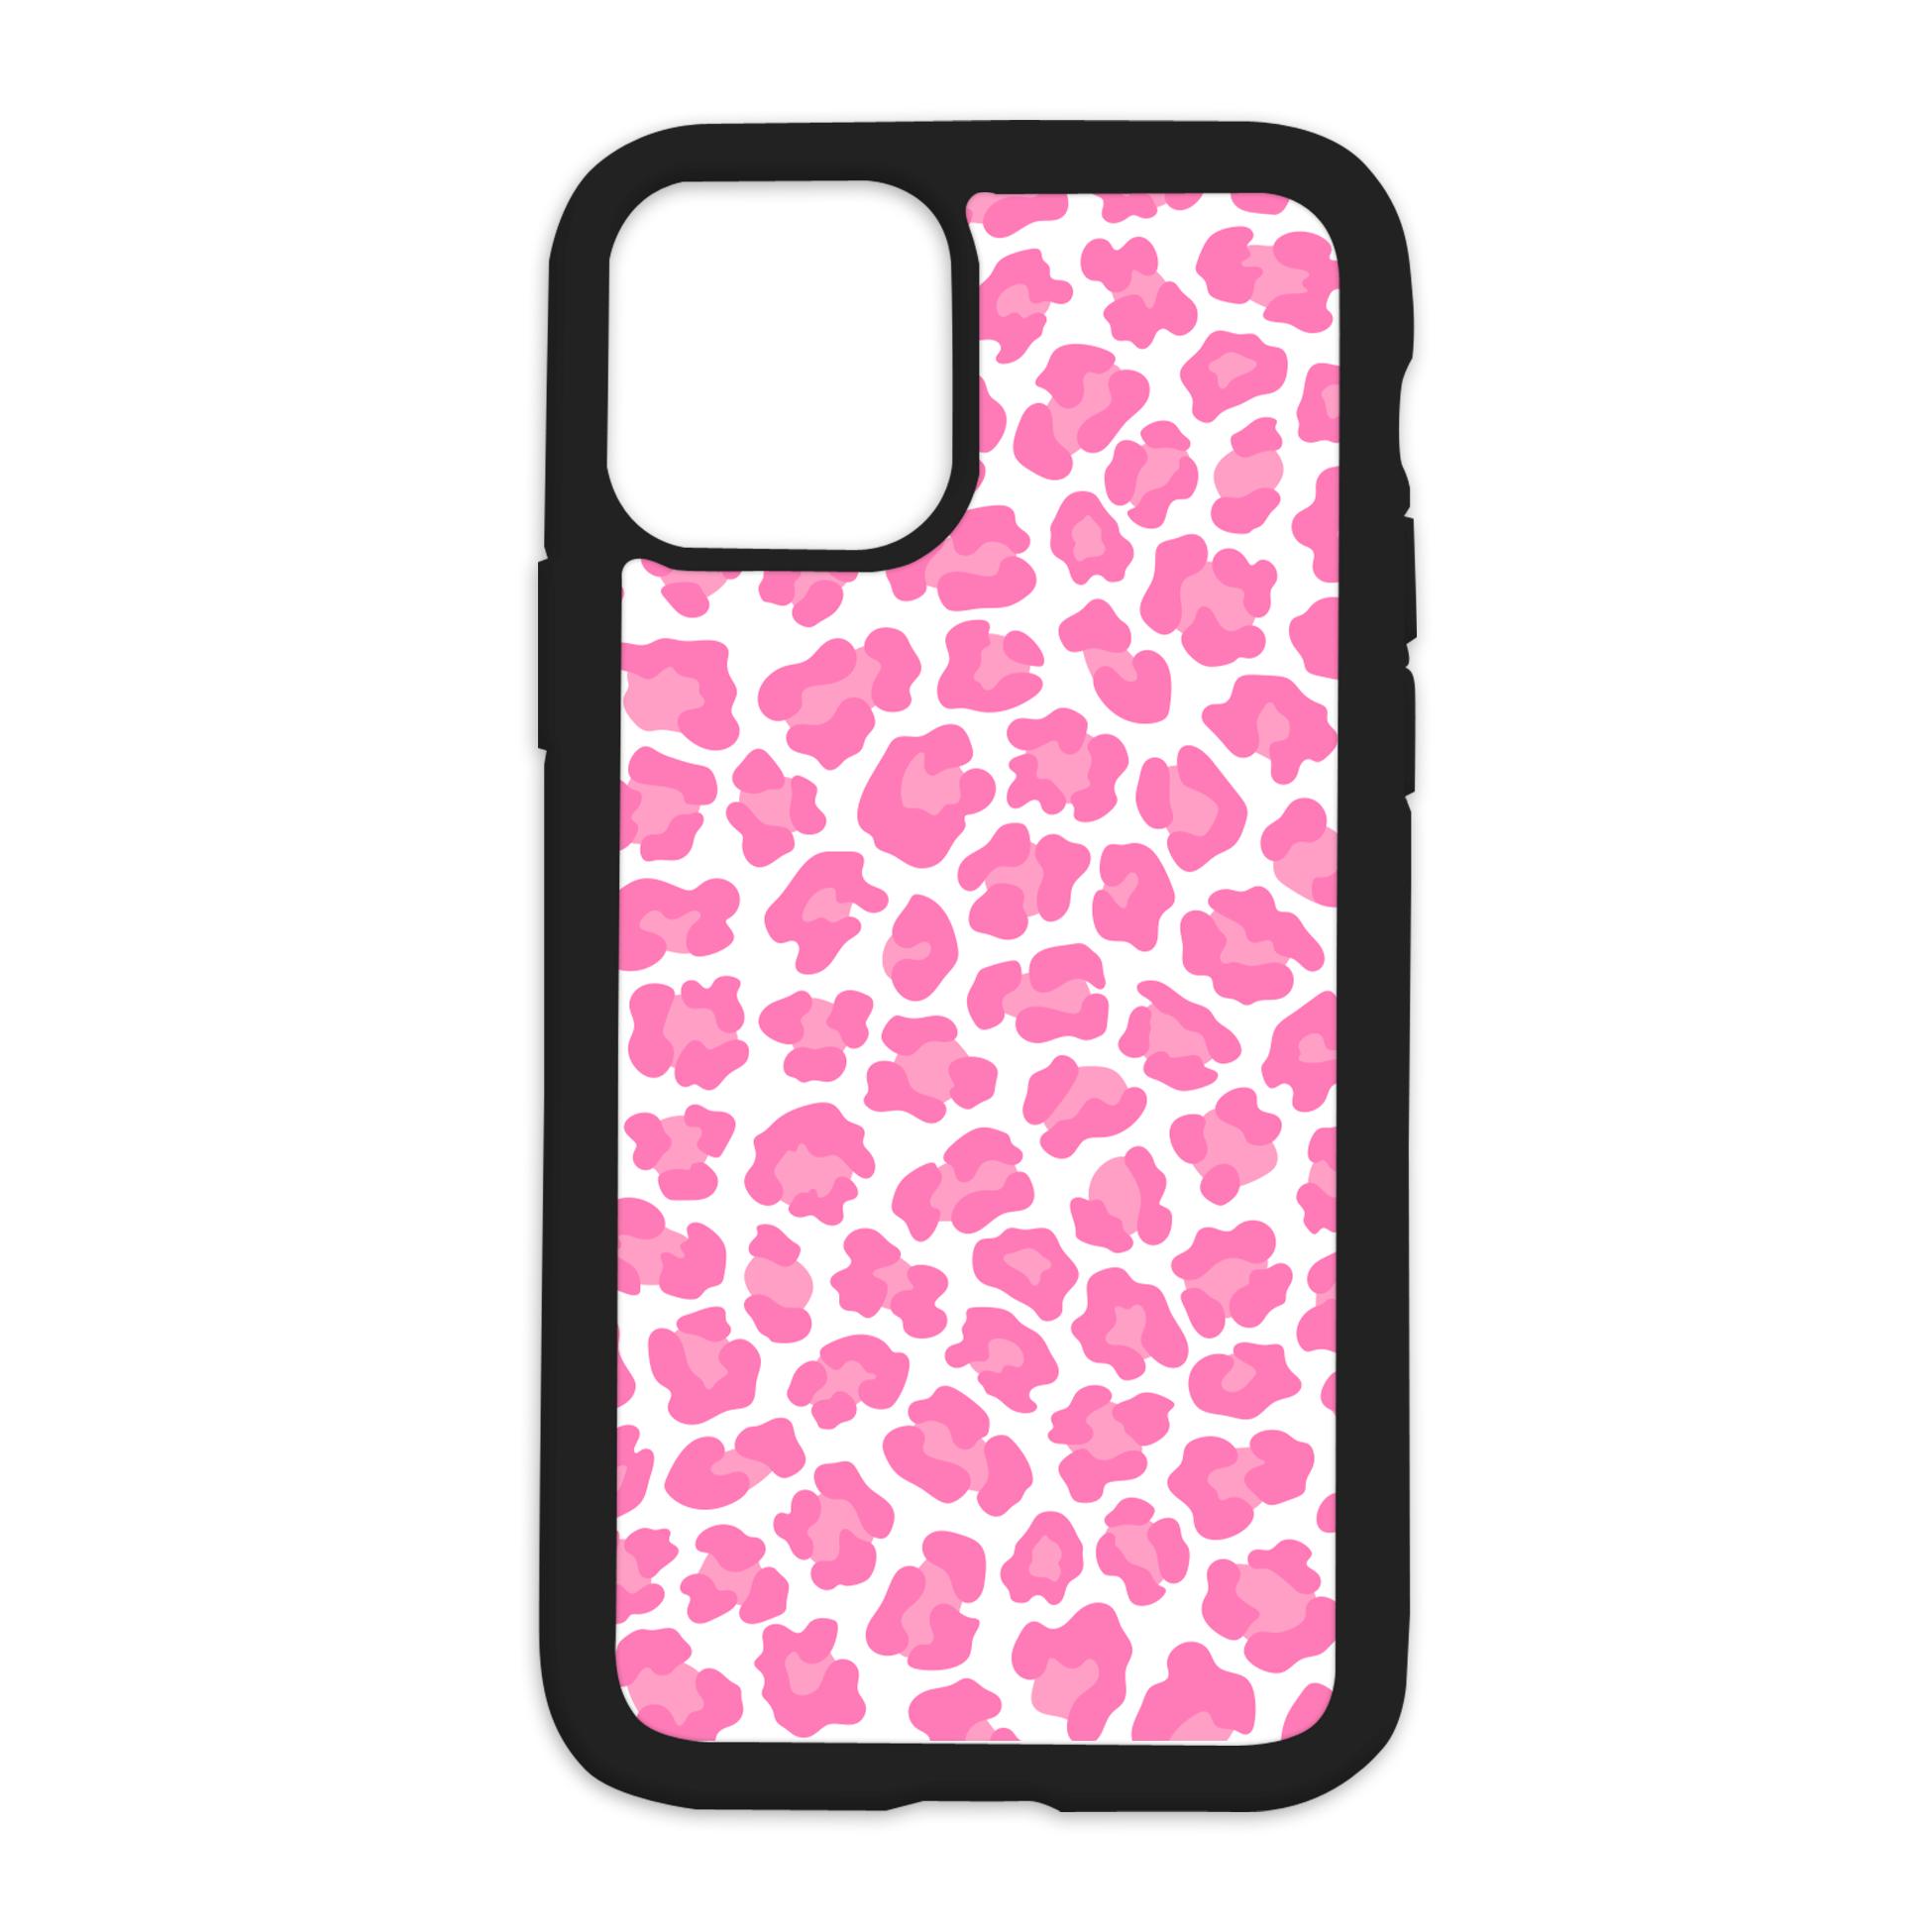 Leopard Print Design On Black Phone Case - 7/8SE/2020 / Pink